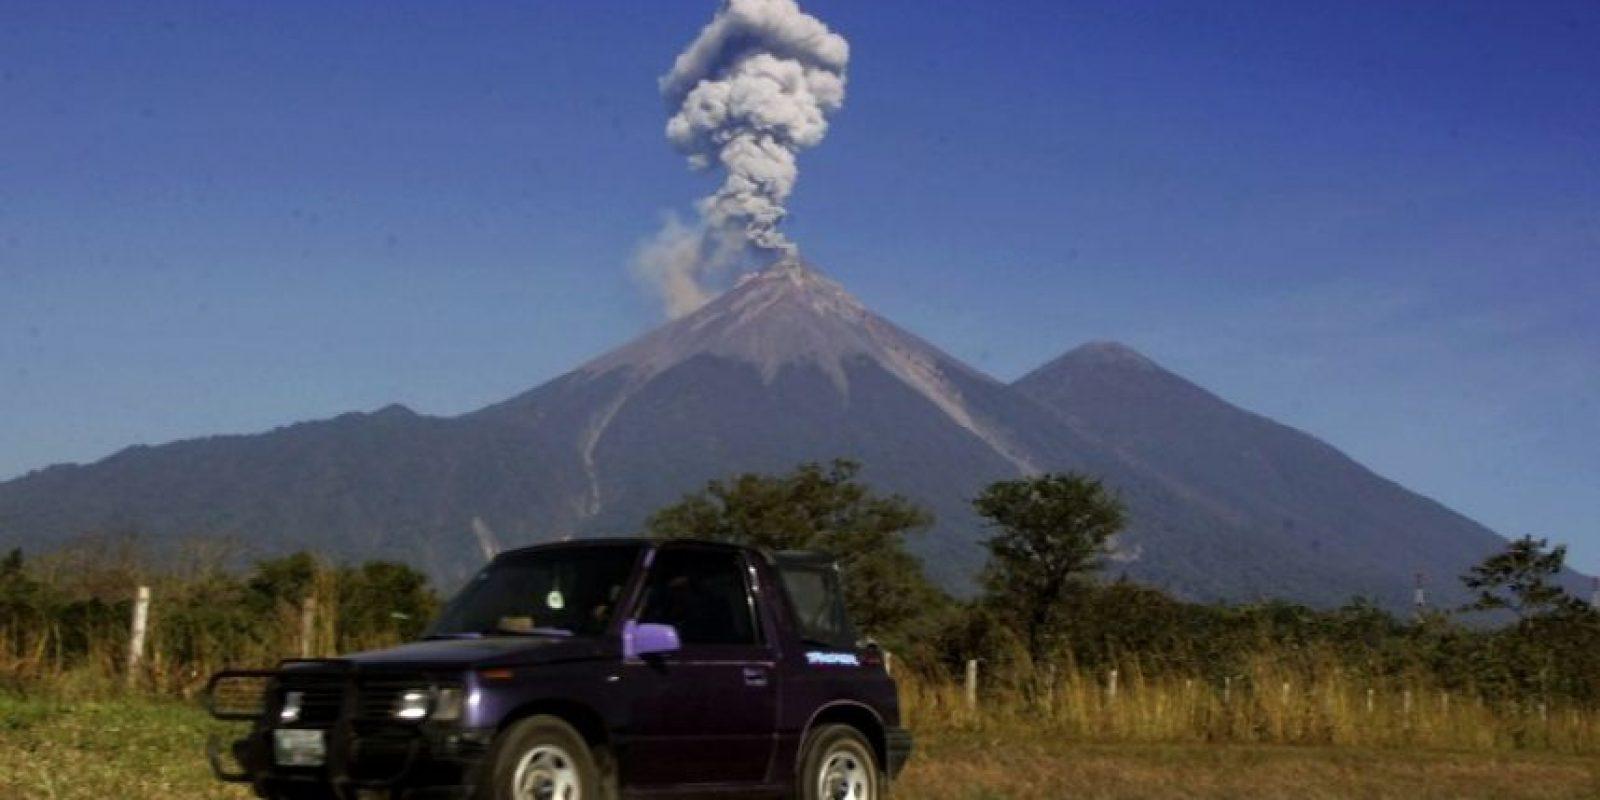 Un vehículo transita en una carretera de Guatemala, con el volcán de Fuego de fondo. Foto:AFP